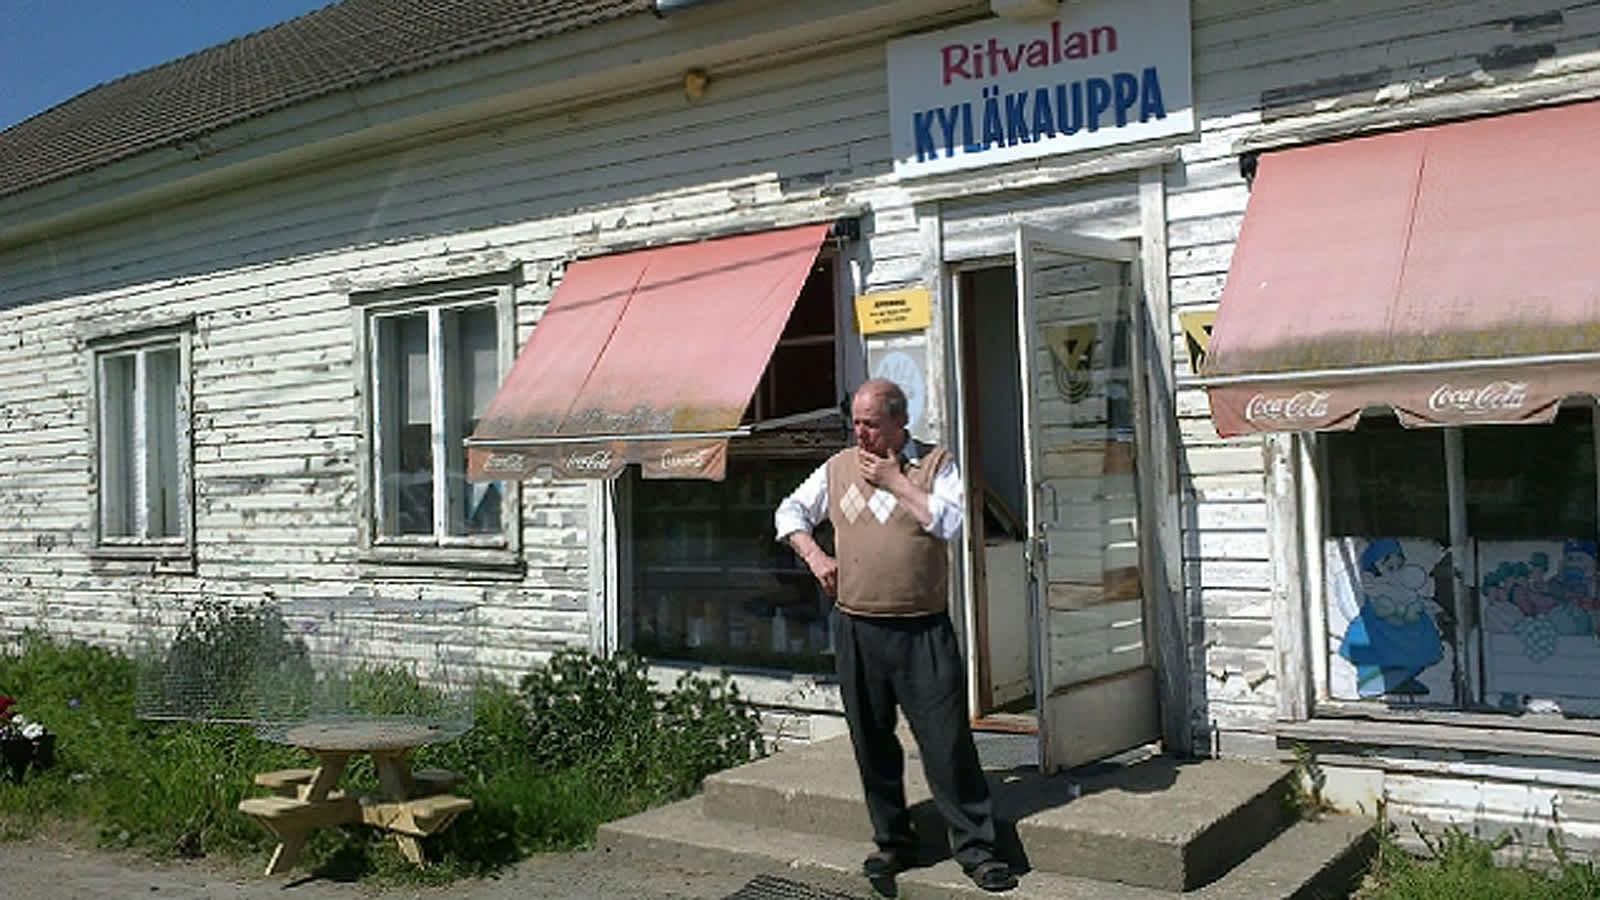 Ritvalan kyläkauppa ja kauppias Heikki Sipilä